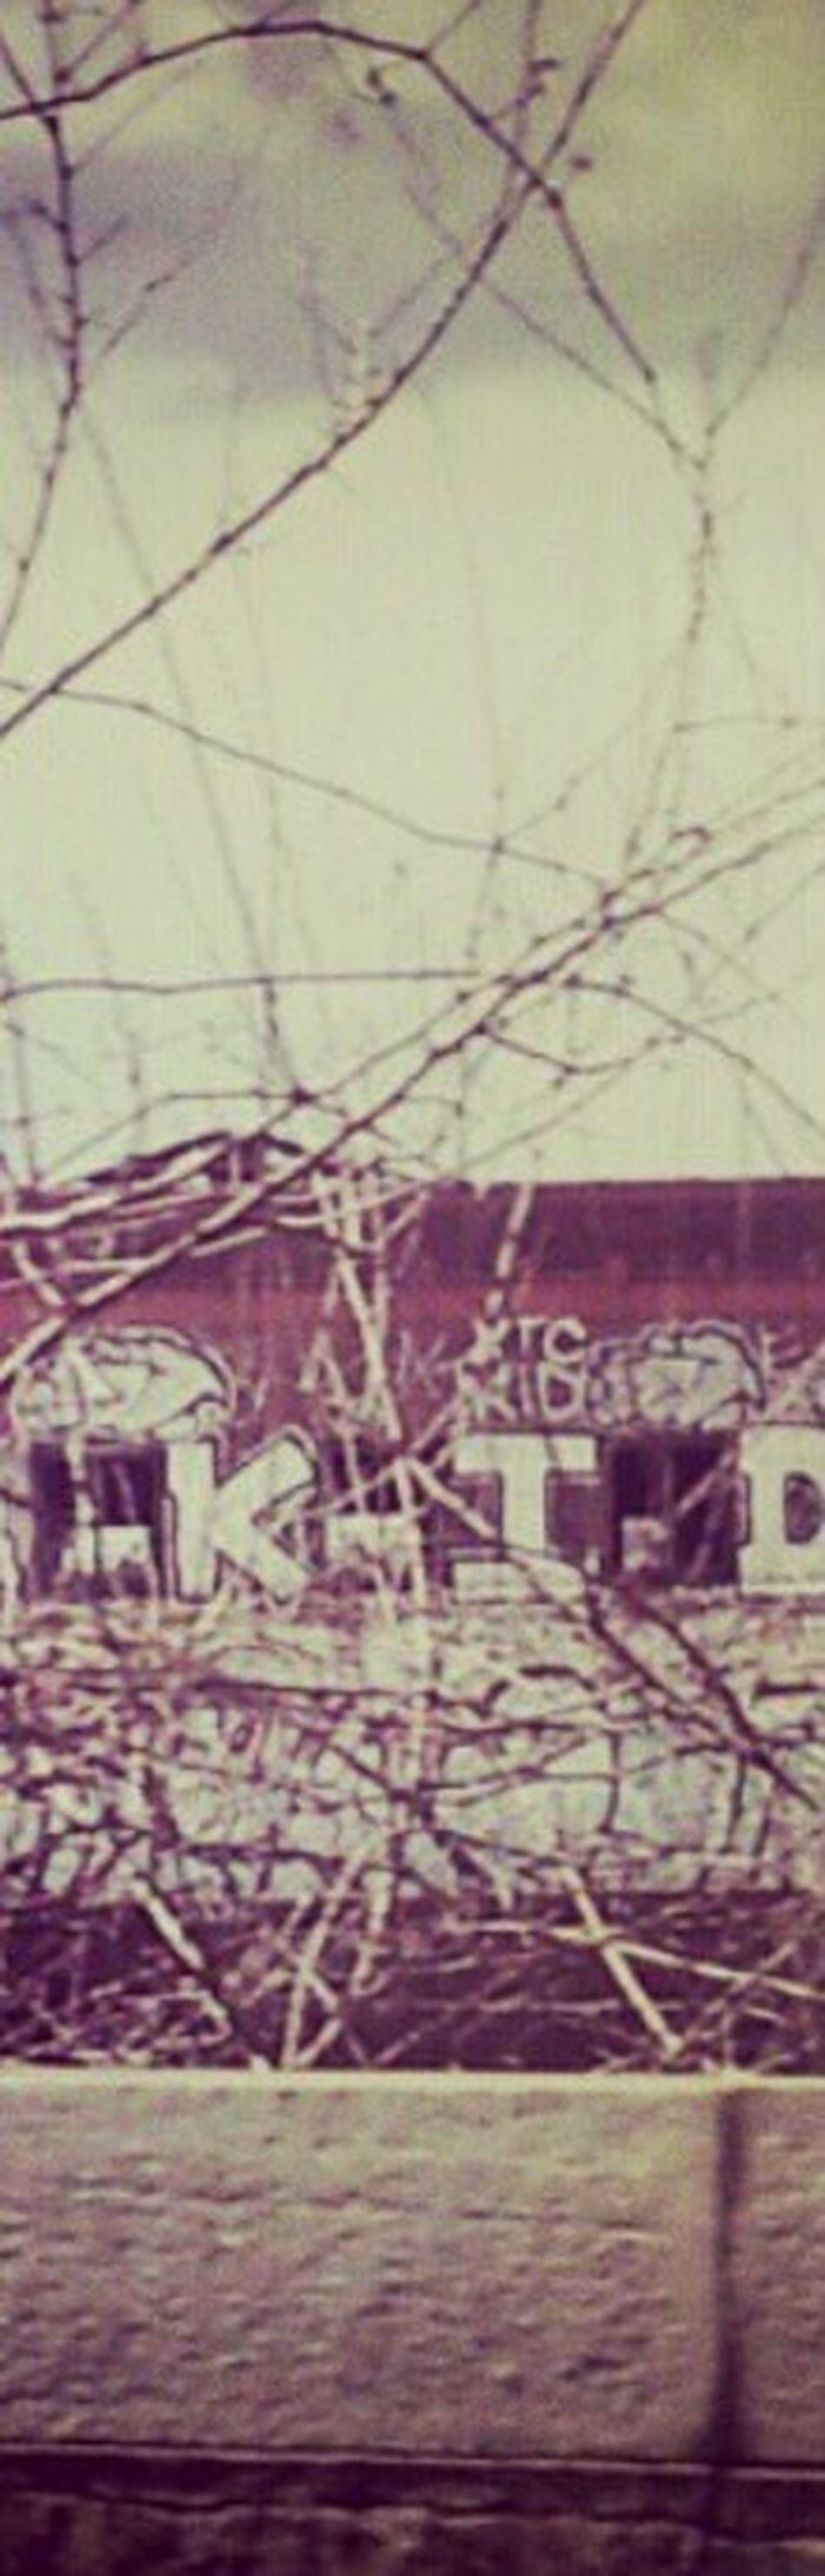 #urban #city Life Graffiti Art